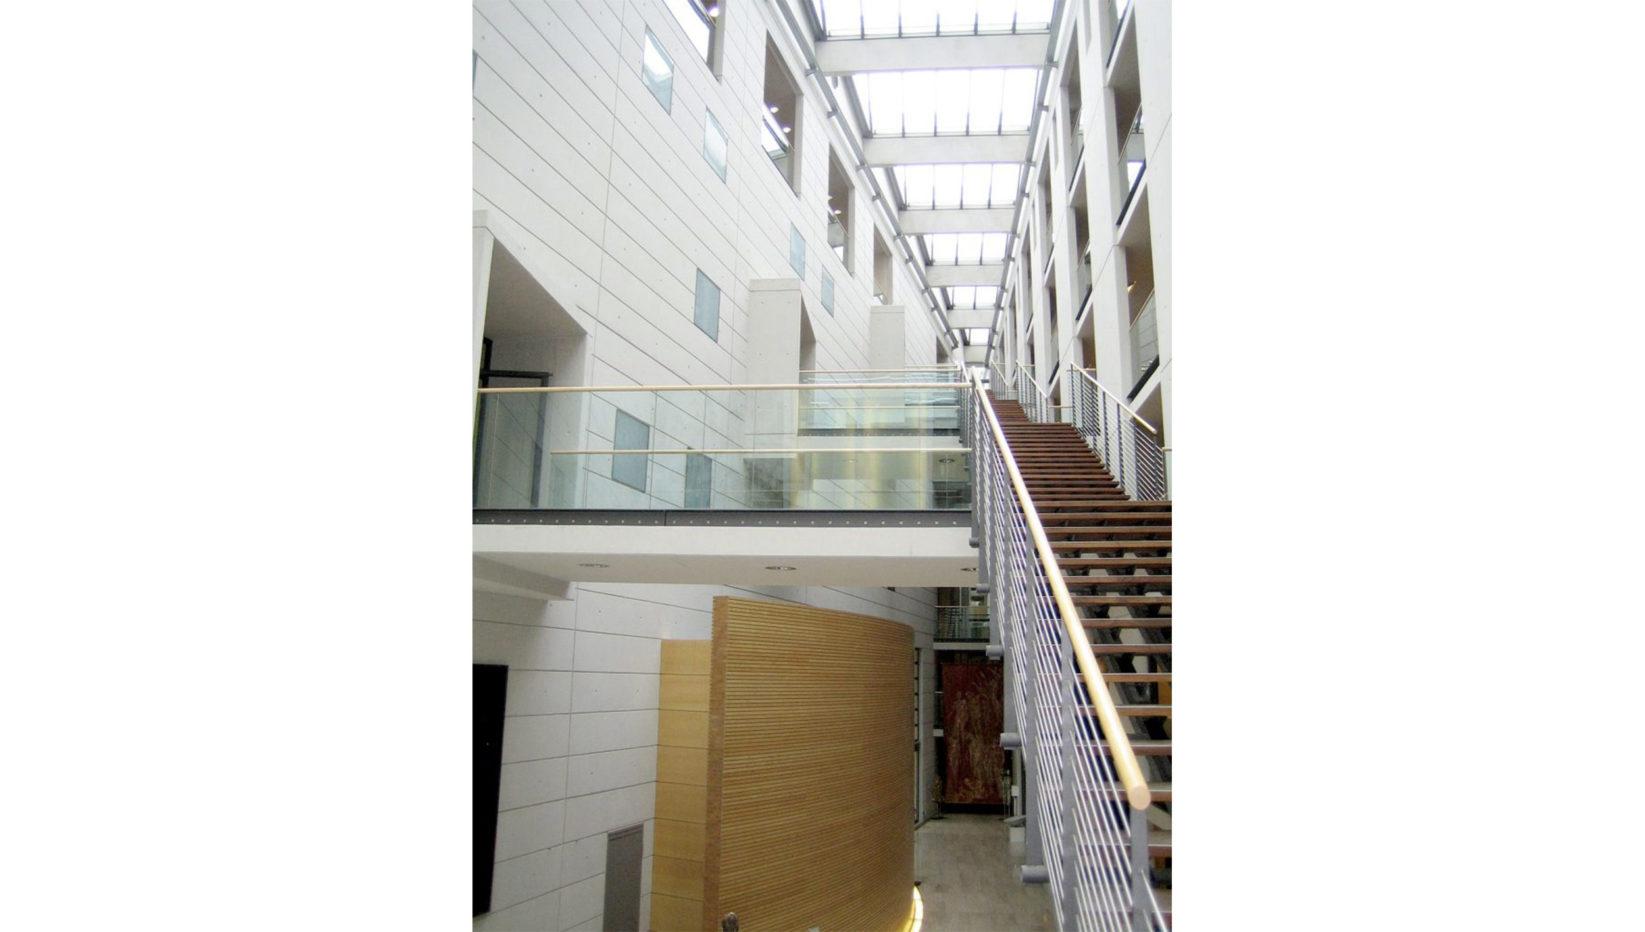 Aufnahme der Eingangshalle des Generalverwaltungsgebäudes der Max-Planck-Gesellschaft in München. Verarbeitung mit Sichtbeton durch die Brunner + Co Baugesellschaft.